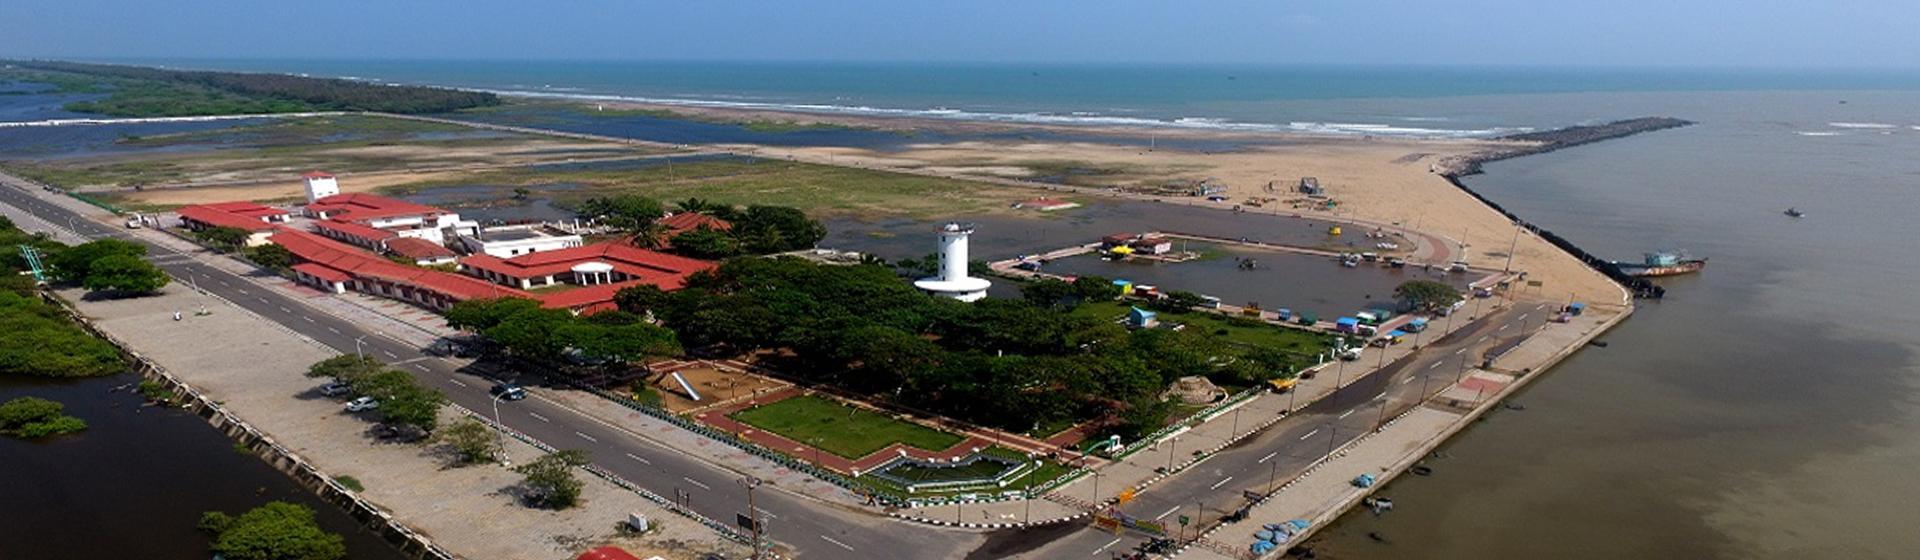 Karaikal Beach Image